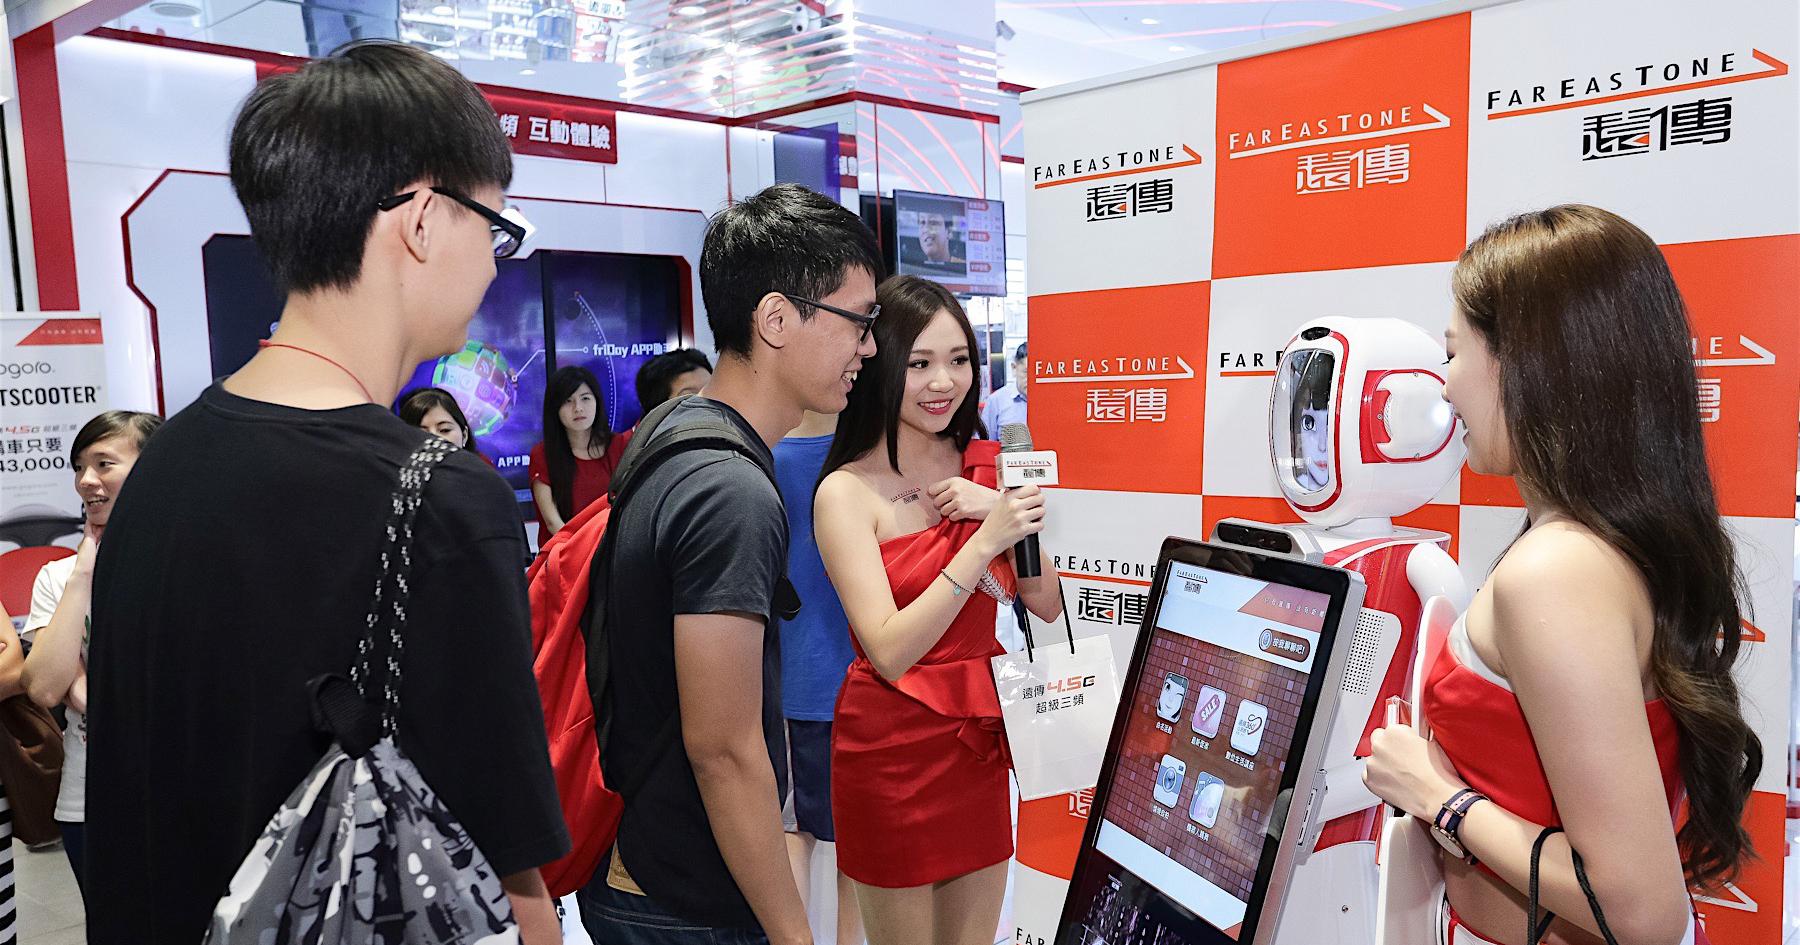 遠傳全台第一位電信智能機器人命名《萌寶》,將於九月全台門市巡迴駐點